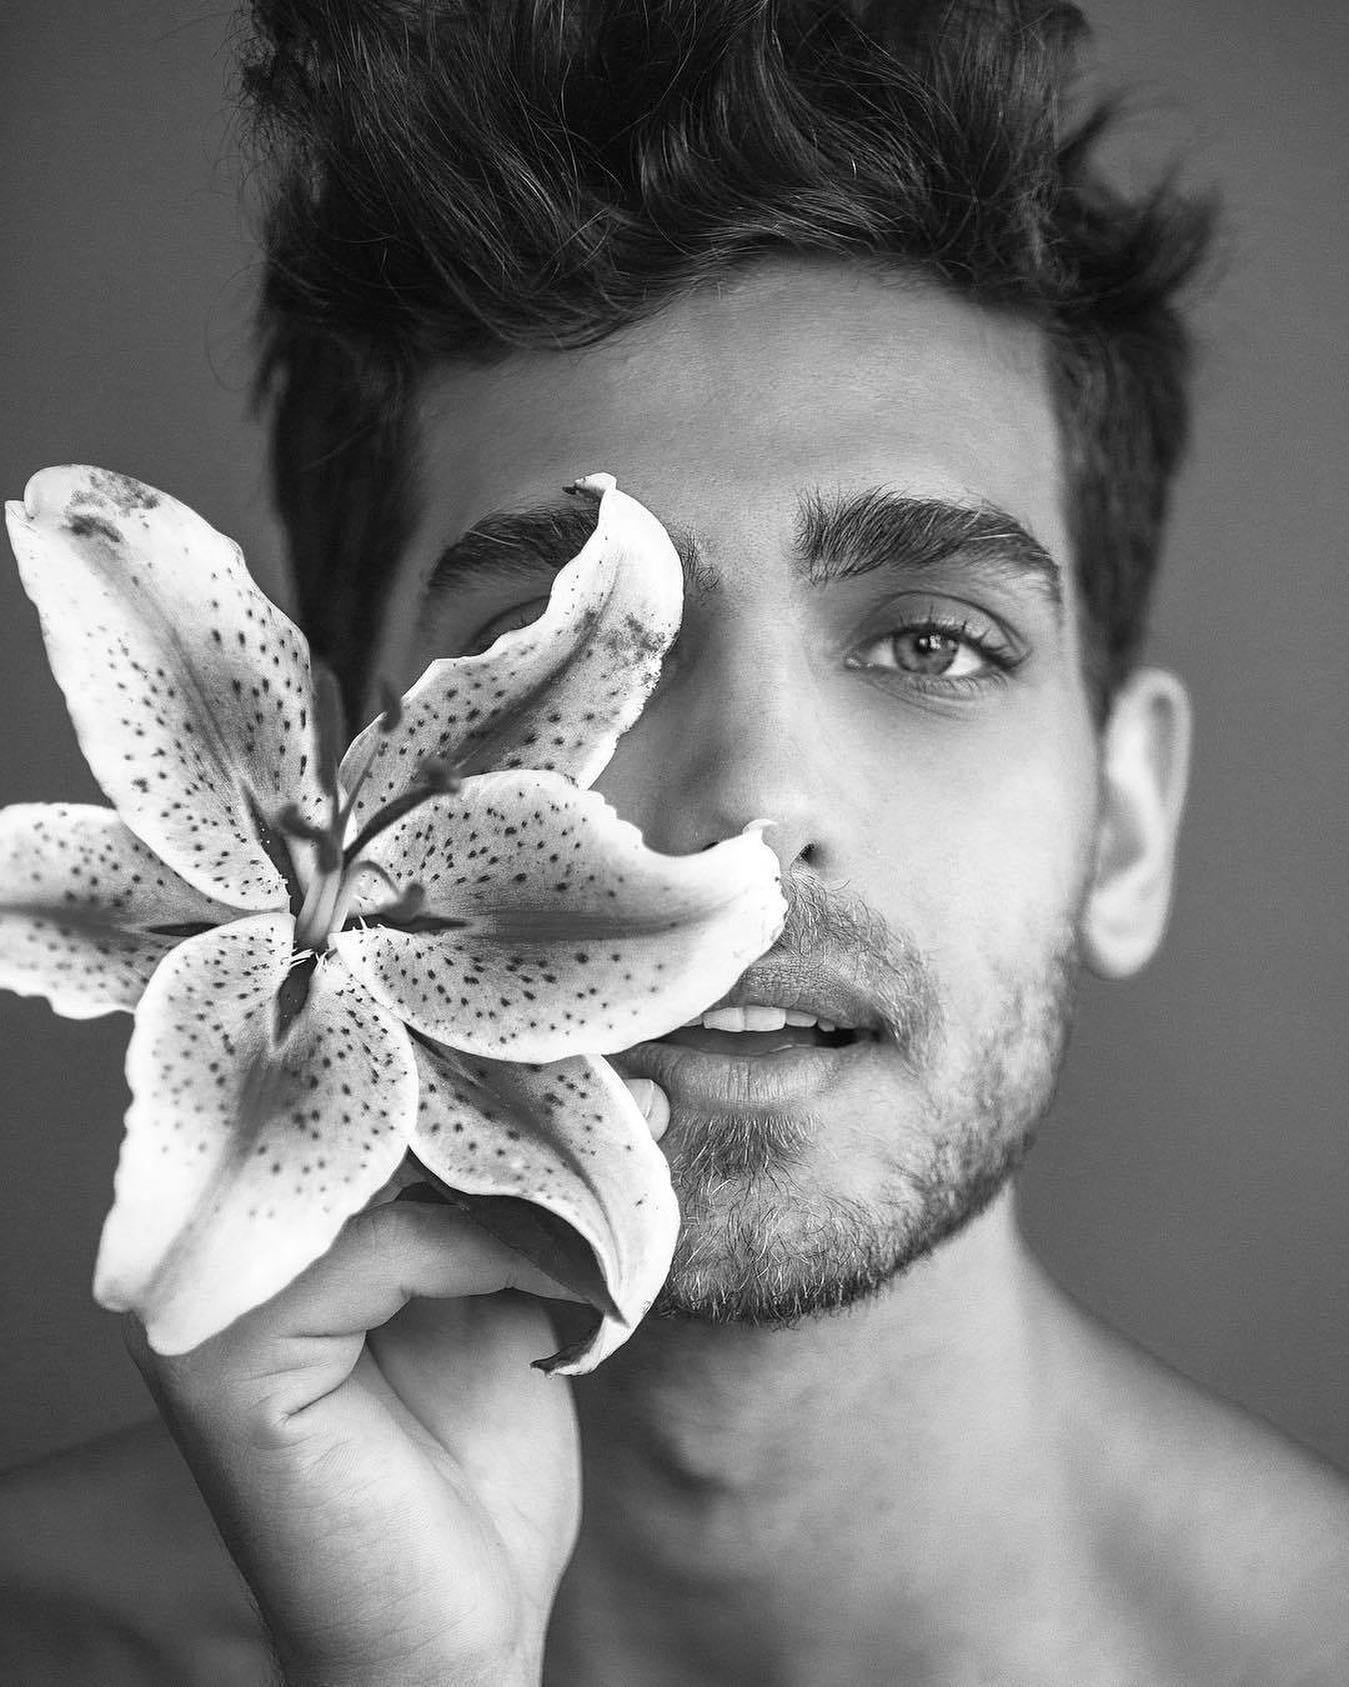 #men #flowers #face #blackandwhite #hotmen #handsomeboys #art